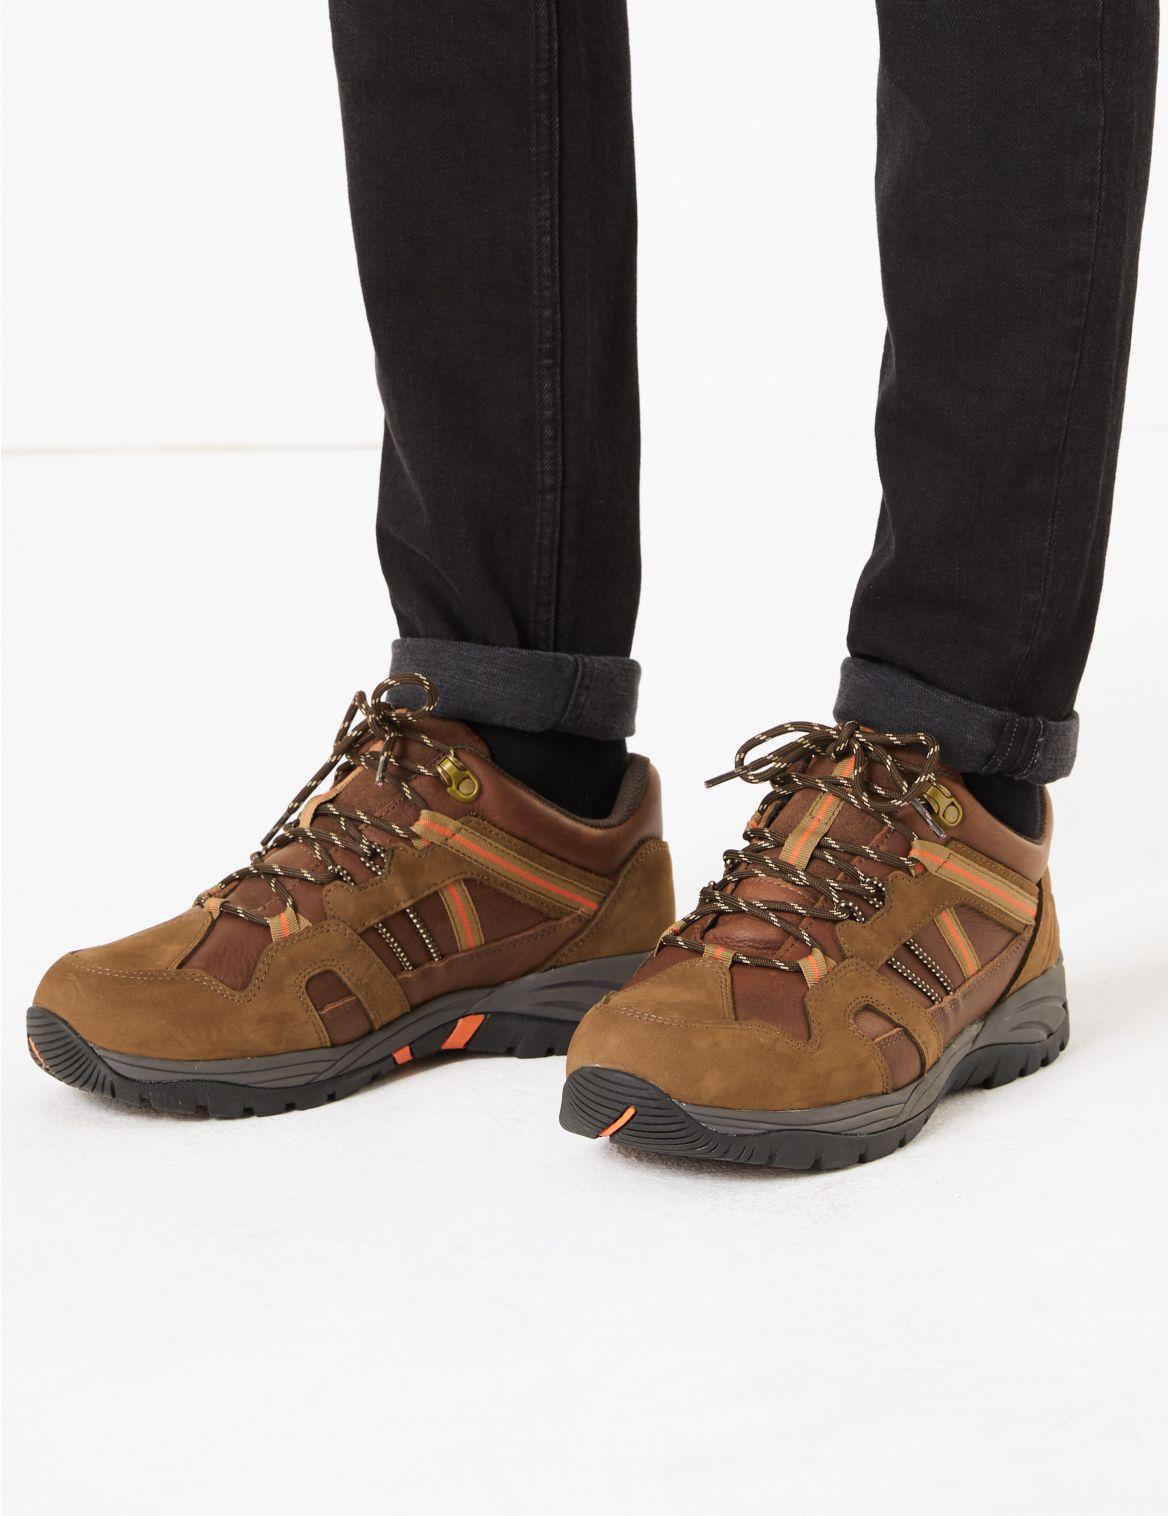 Chaussures de marche imperm??ables en cuir. Chaussures de marche imperm??ables en cuir